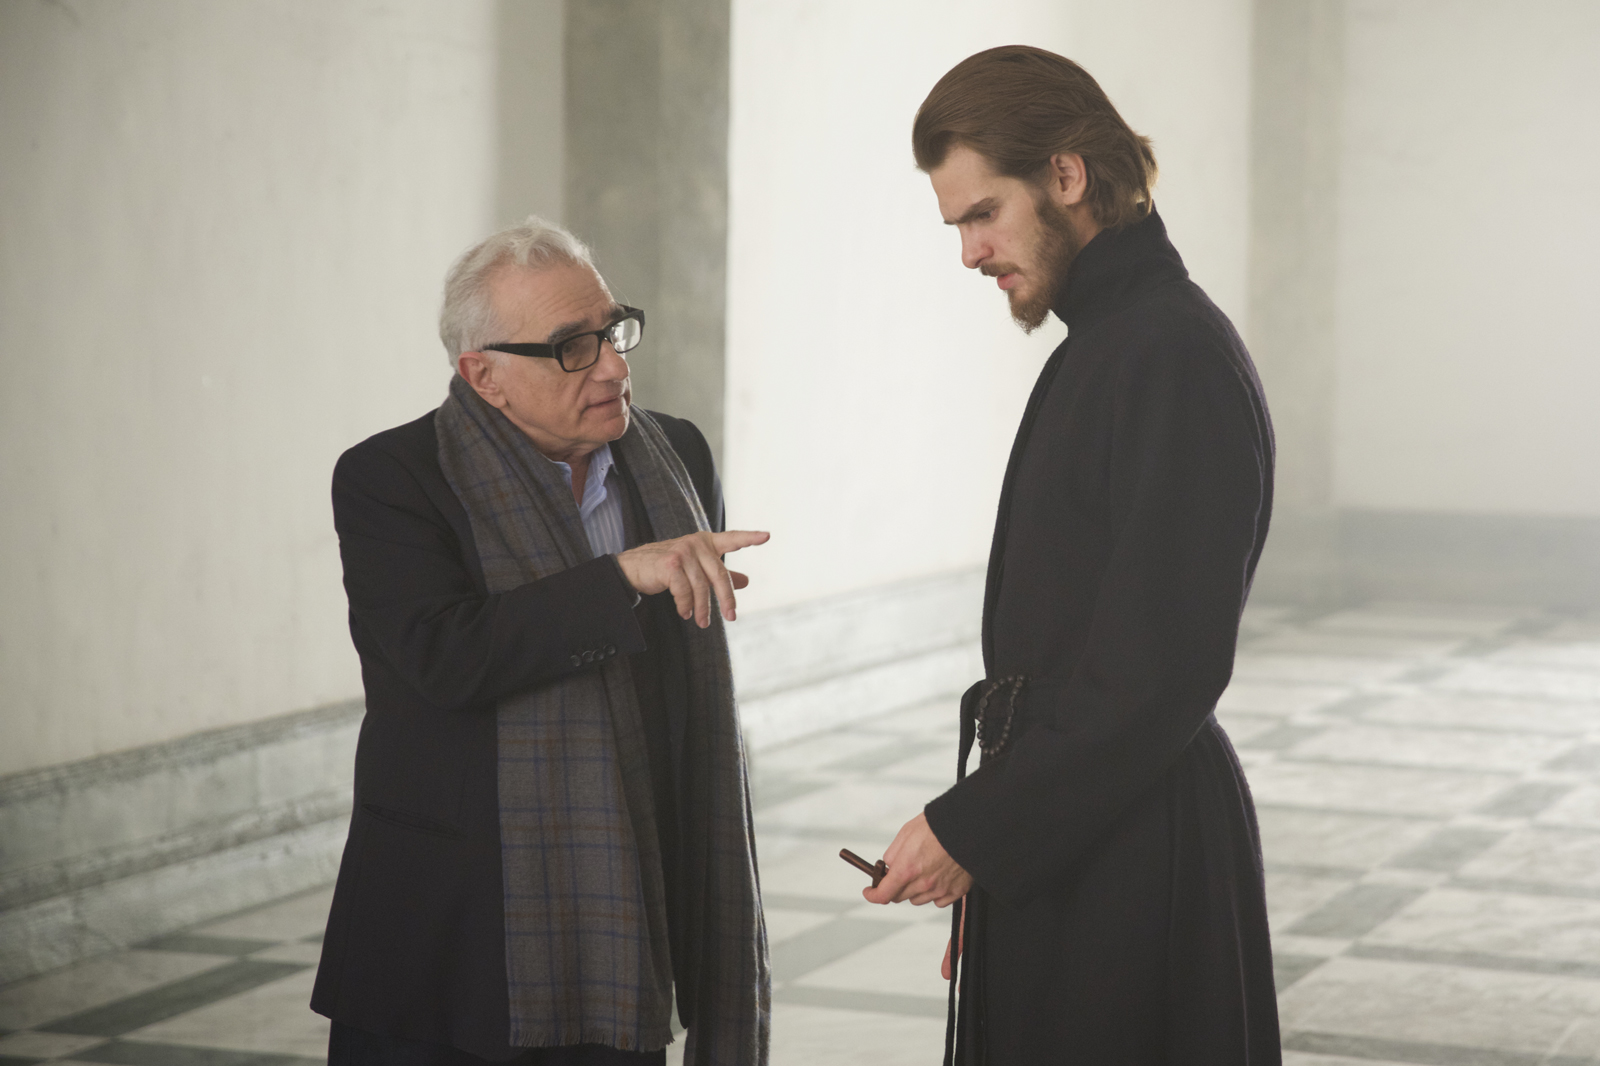 Le pape reçoit mercredi Martin Scorsese pour son film sur des jésuites